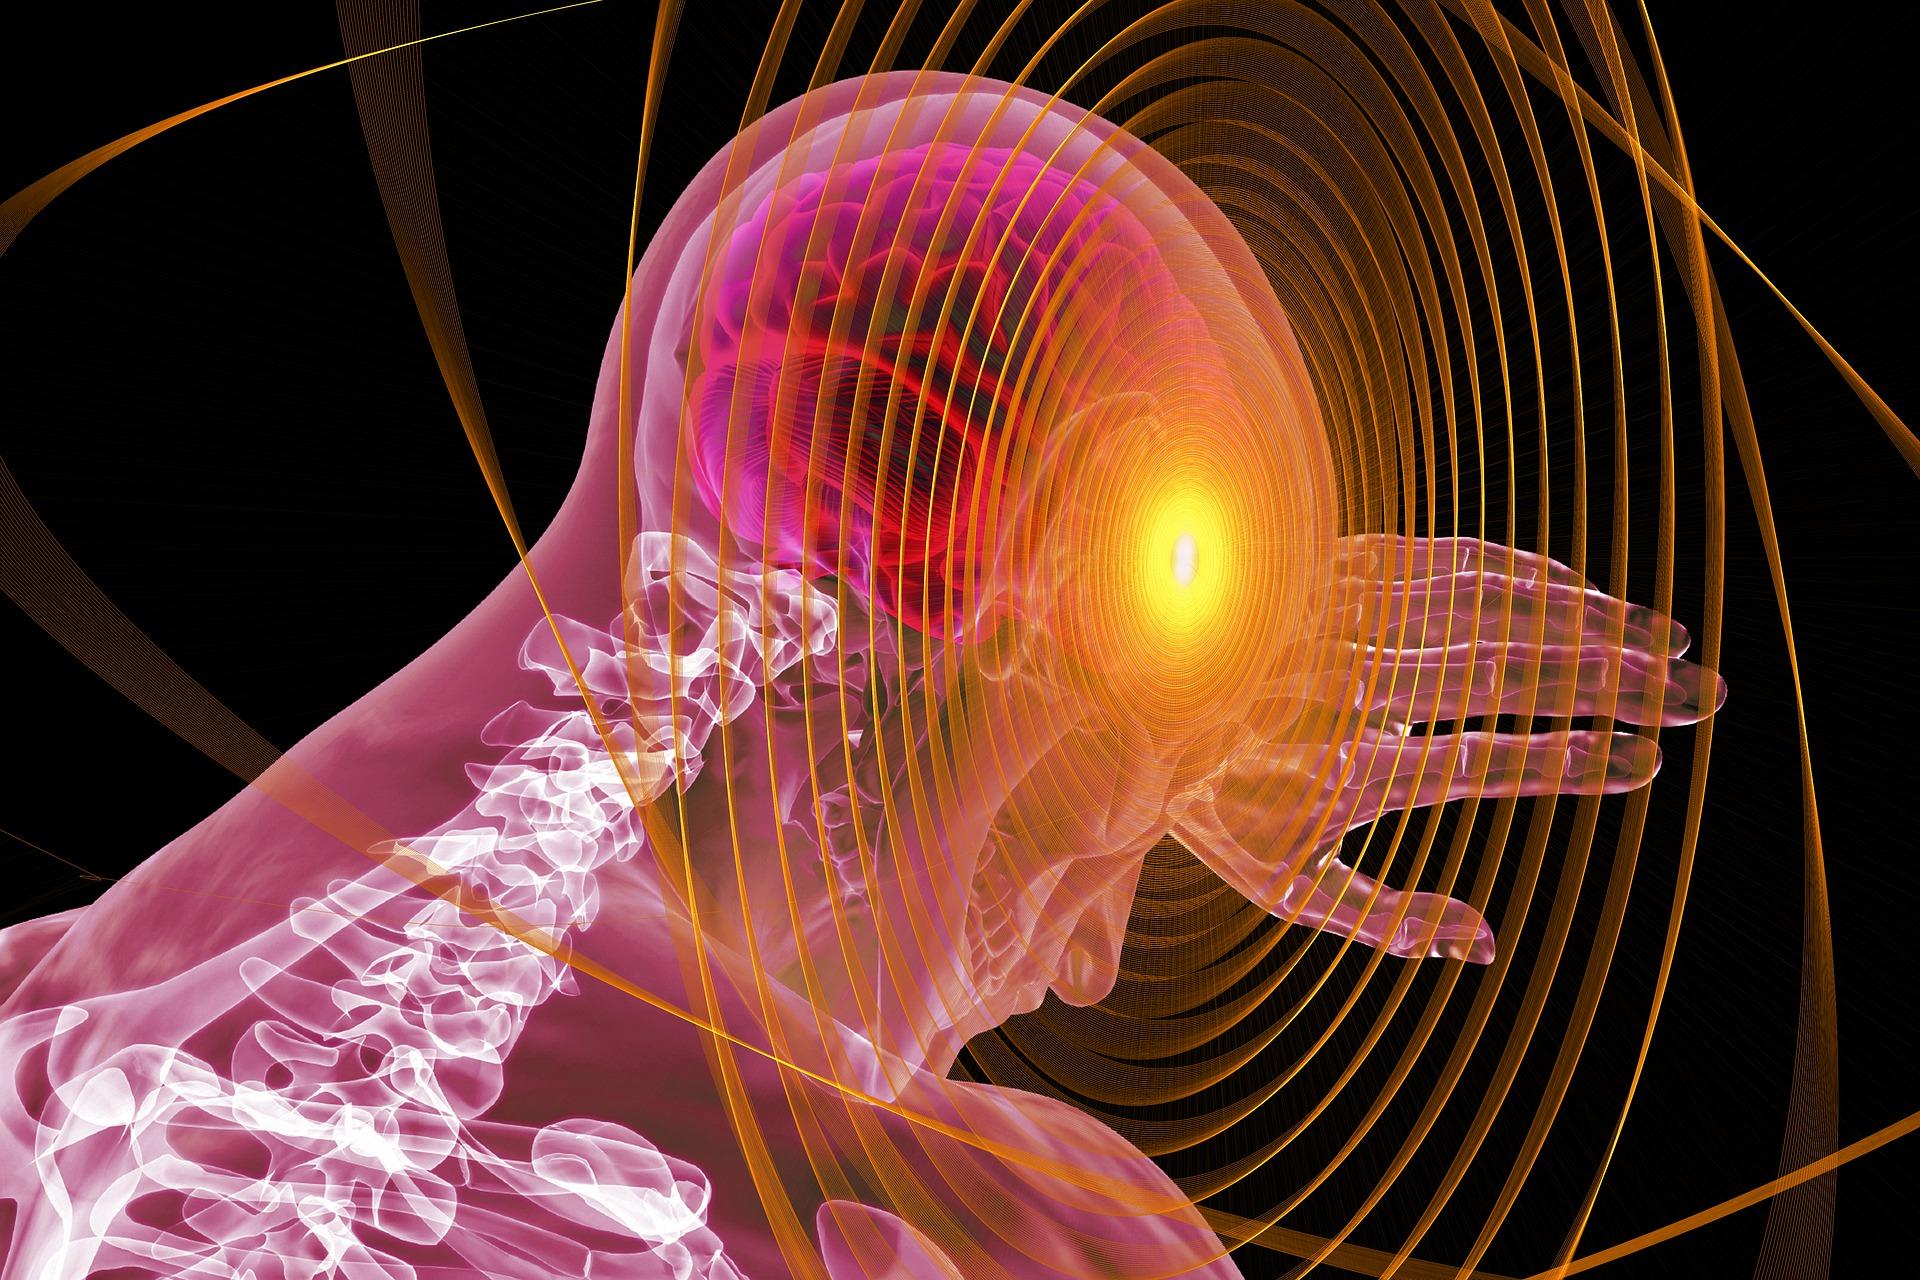 Sindromul gândirii accelerate